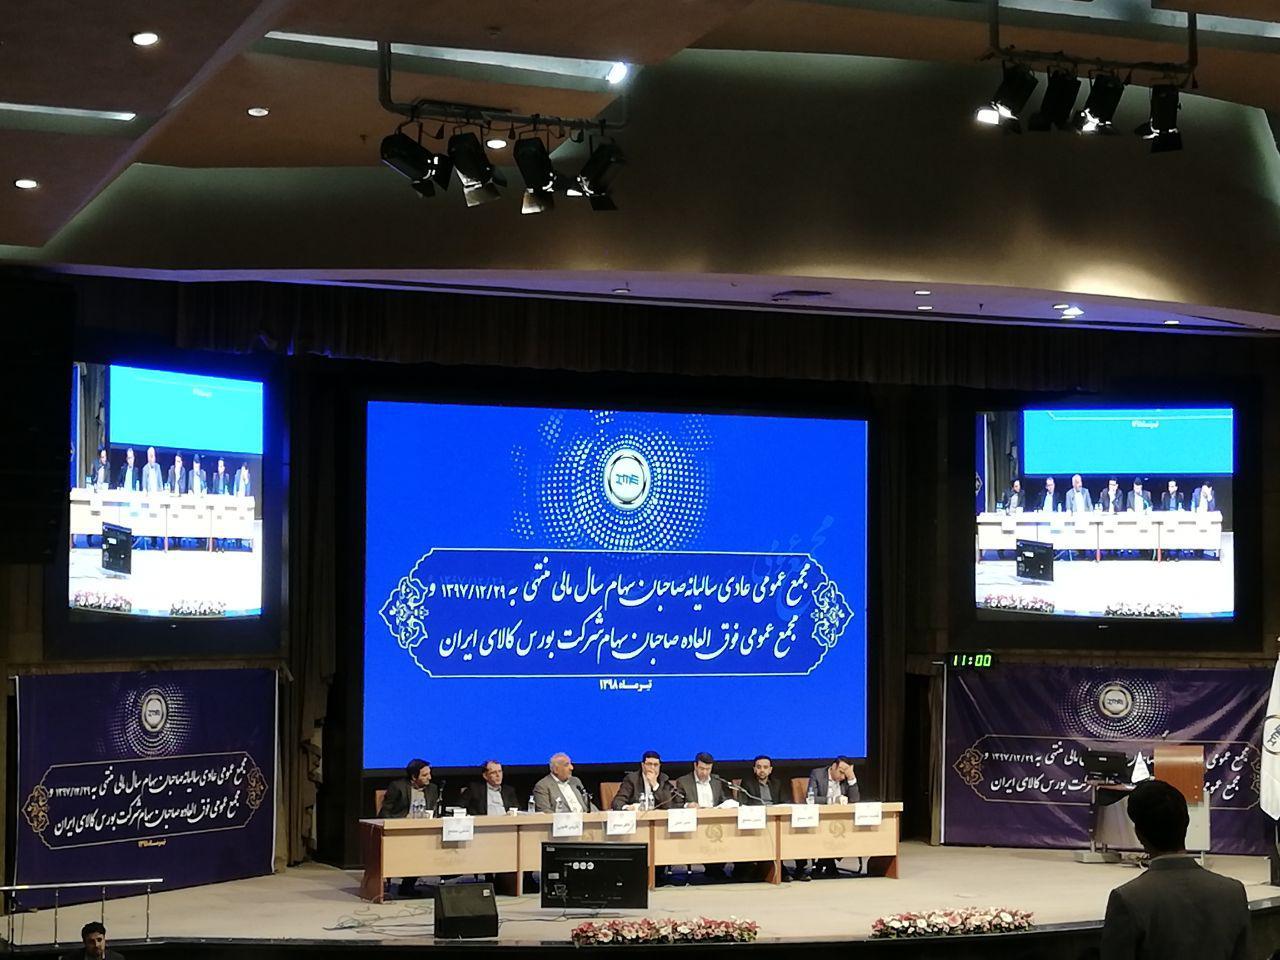 اعضای جدید هیئت مدیره بورس کالای ایران مشخص شدند؛ حضور پررنگ شرکتهای فلزی در راهبری بازار کالا